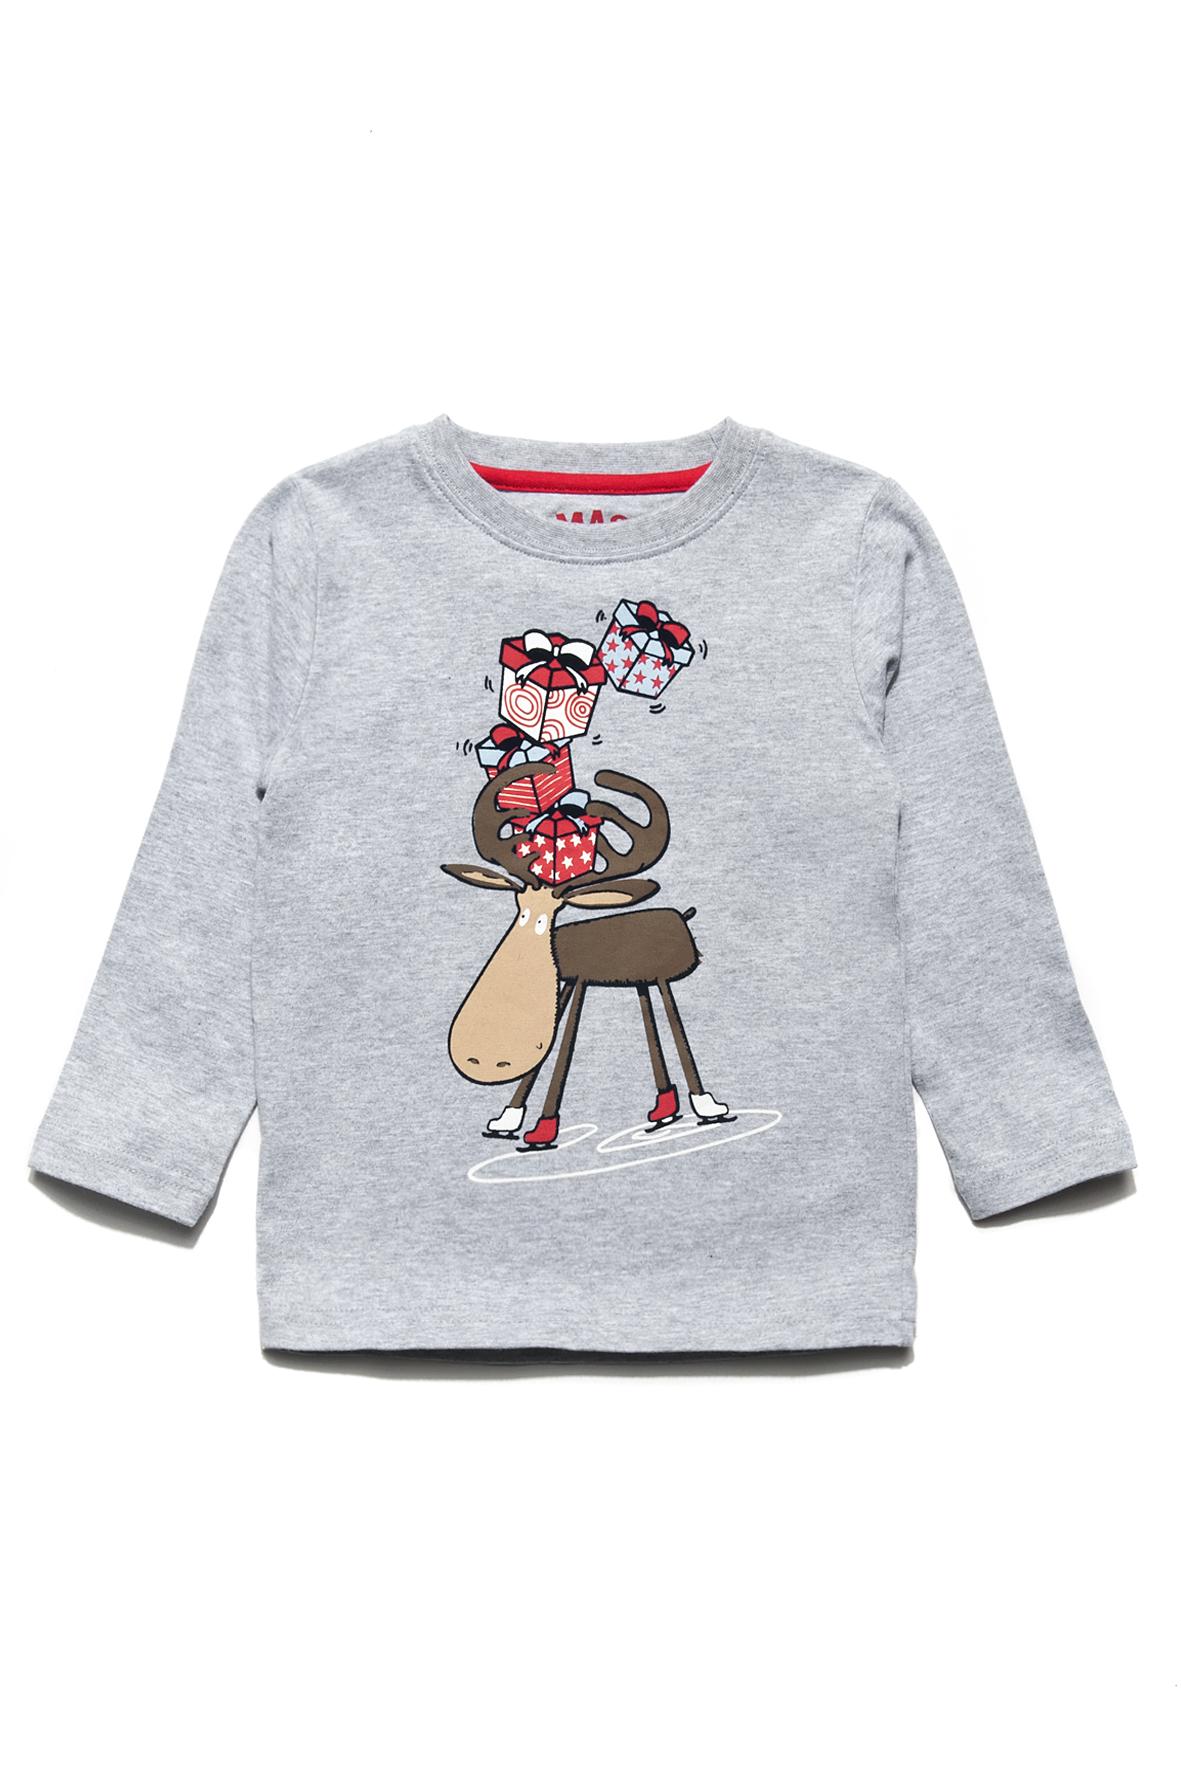 Bluza chłopięca z nadrukiem - nowa cena 19,99 (źródło: 51015kids.eu)